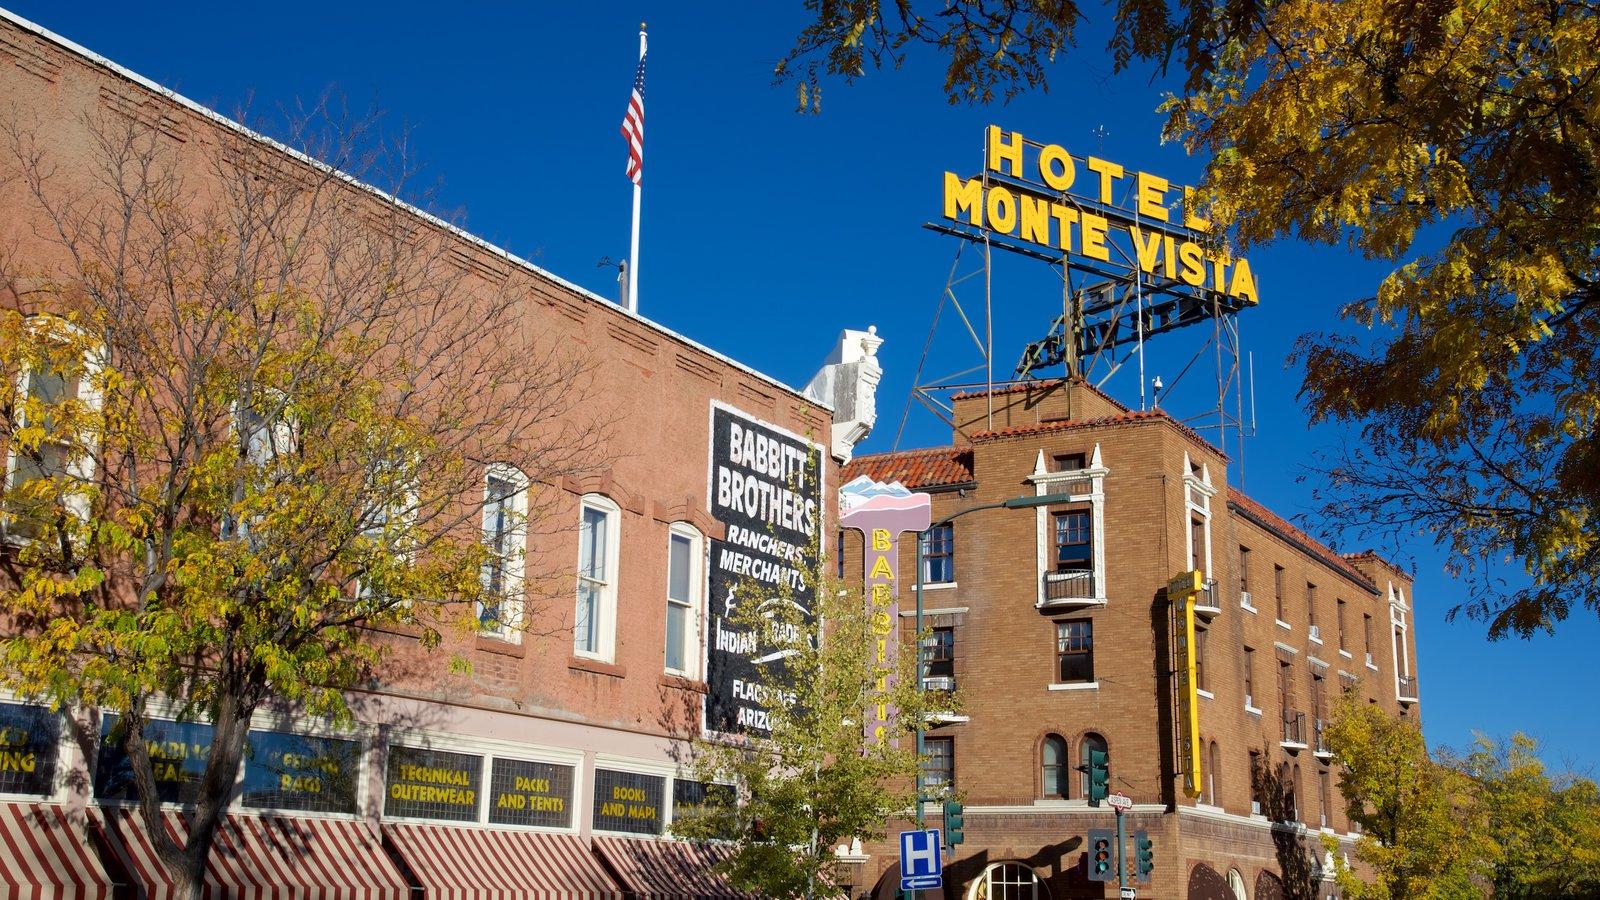 Flagstaff que inclui sinalização e um hotel